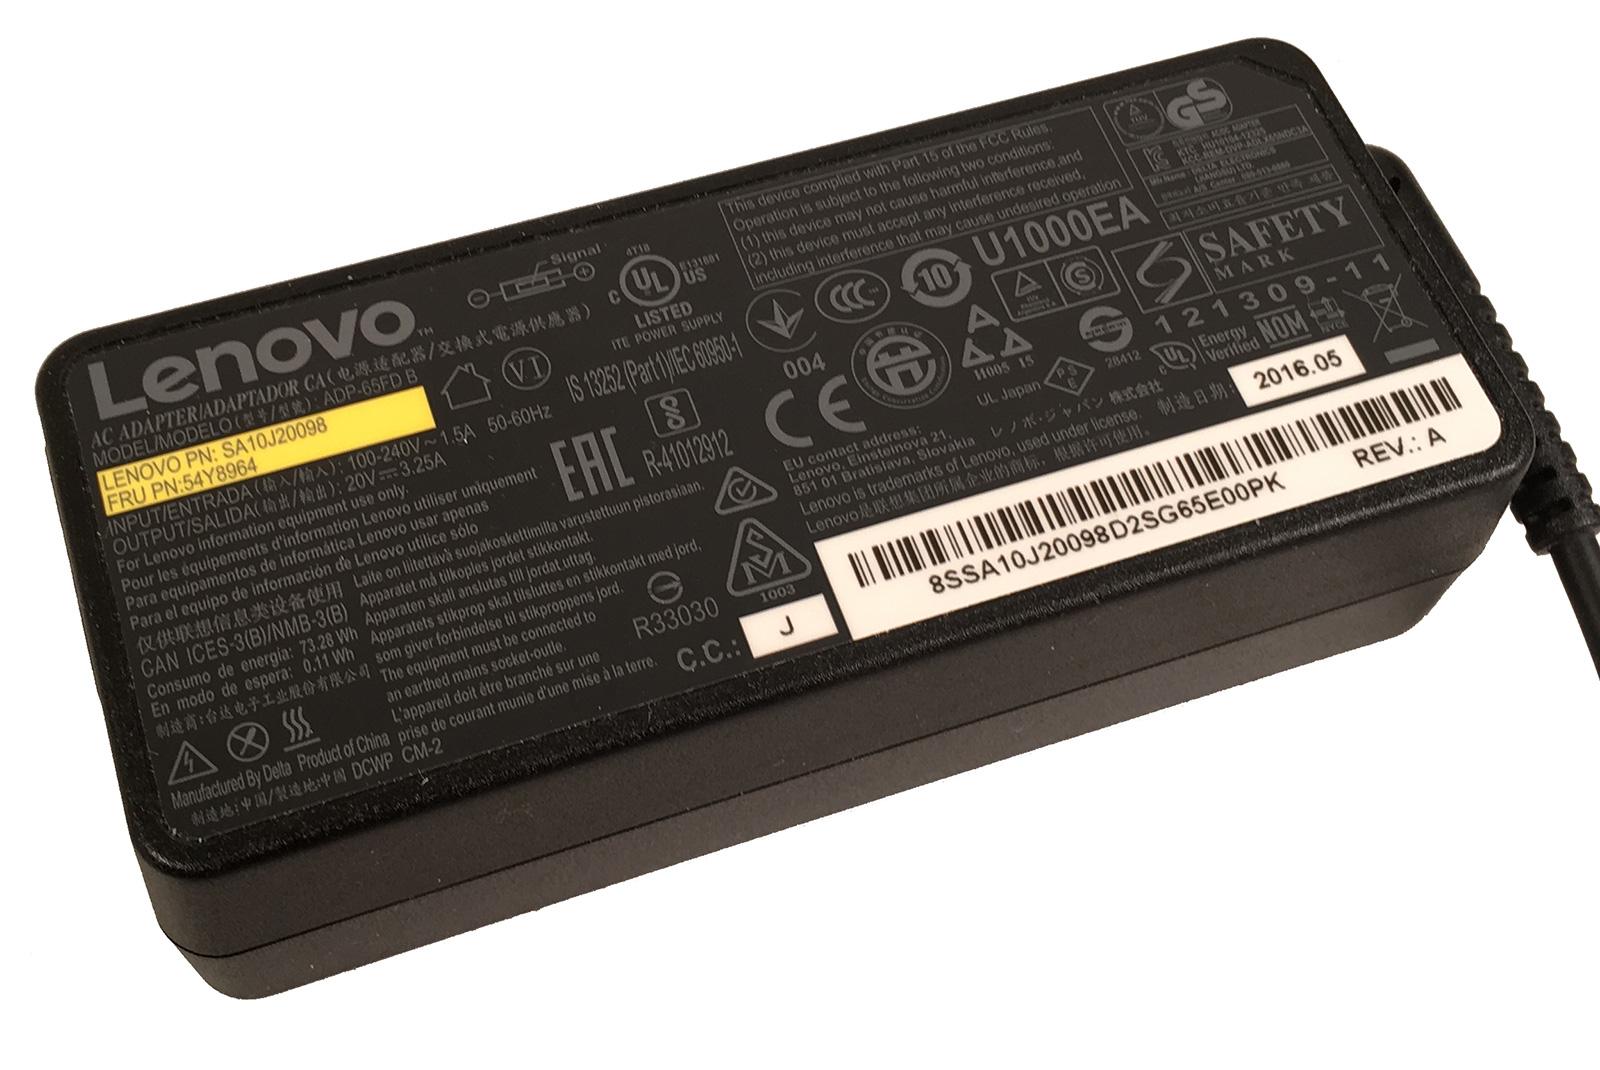 Обзор изогнутого игрового монитора Lenovo Y27g Razer Edition - 14